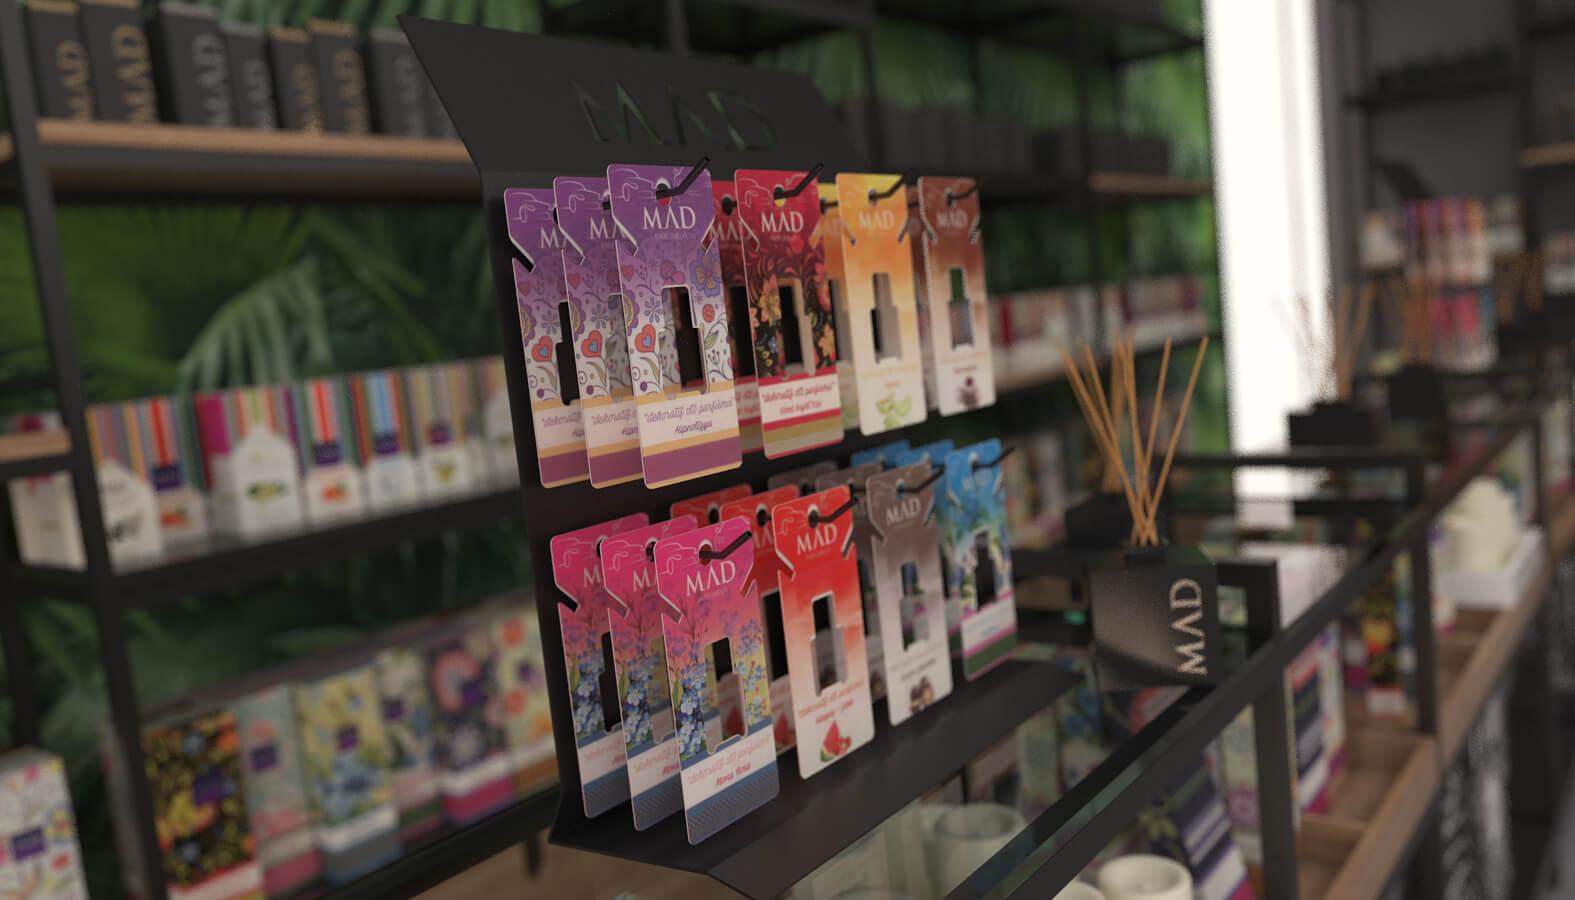 perakende mağaza 3695 MAD Parfumeur Perakende